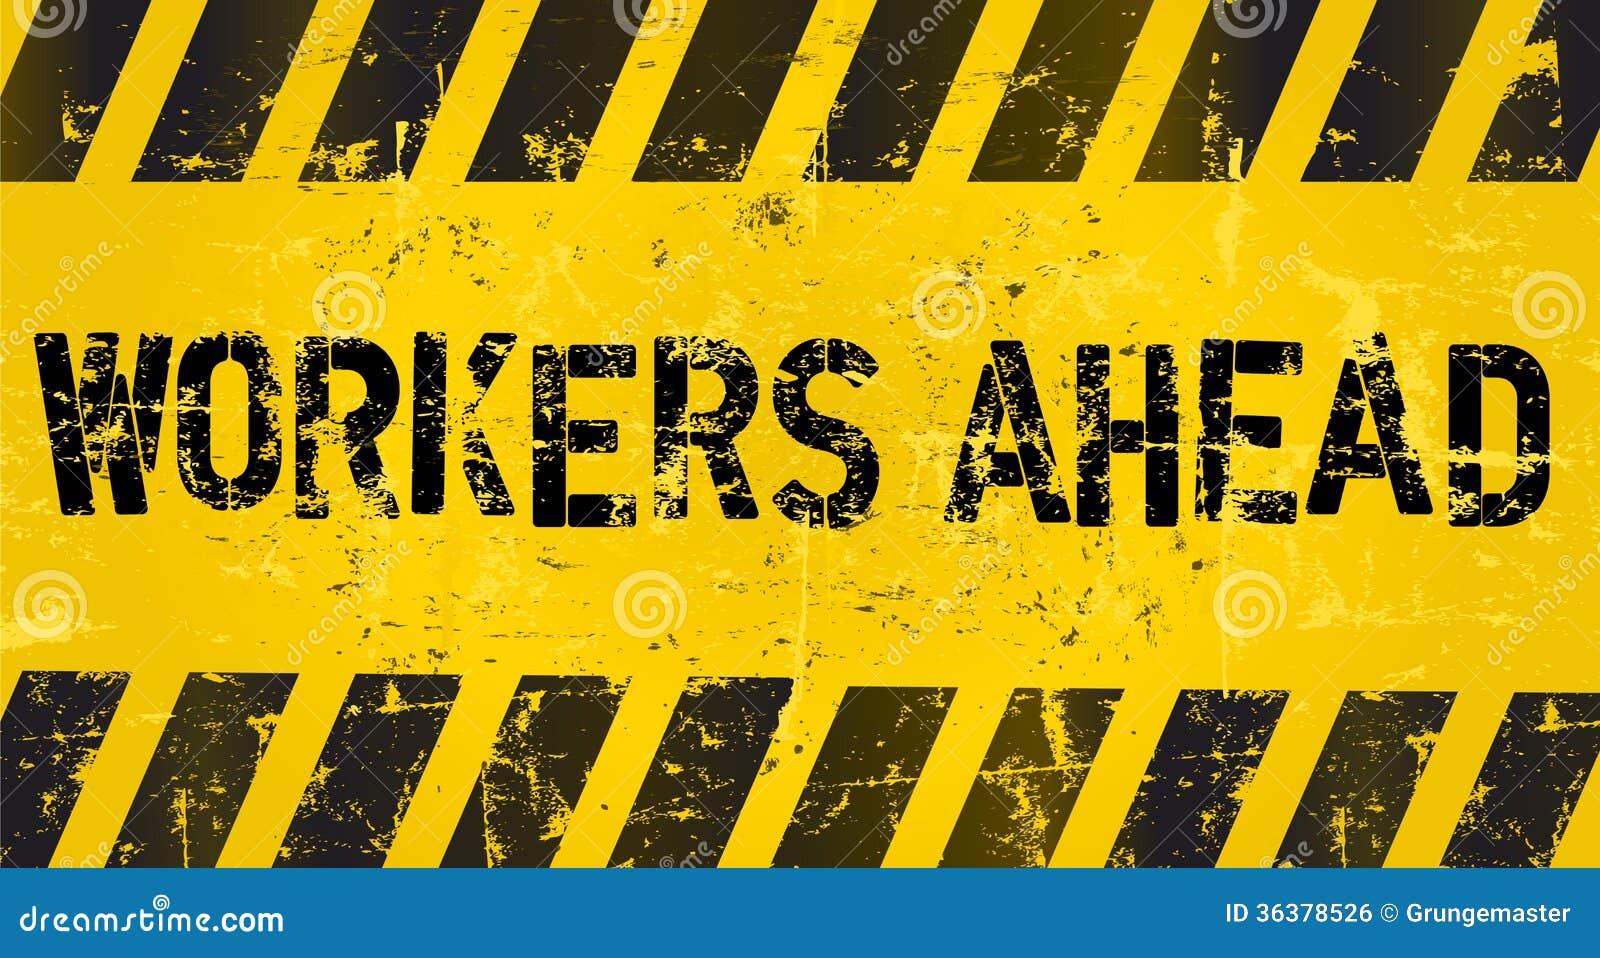 Arbeiders vooruit